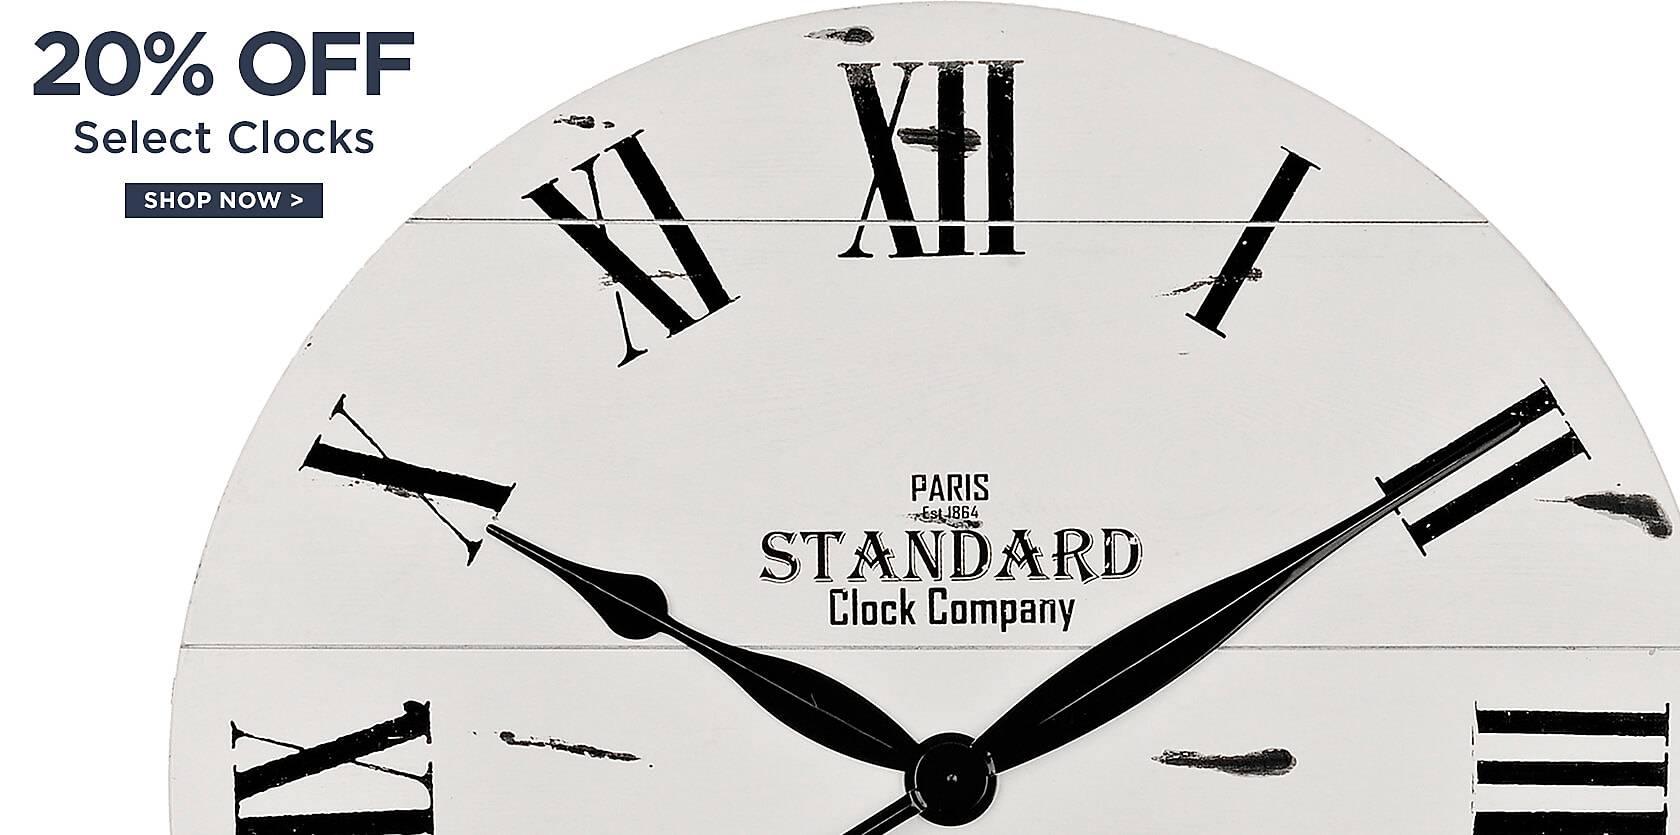 Kirklands coupons december 2013 - 20 Off Select Clocks Shop Now